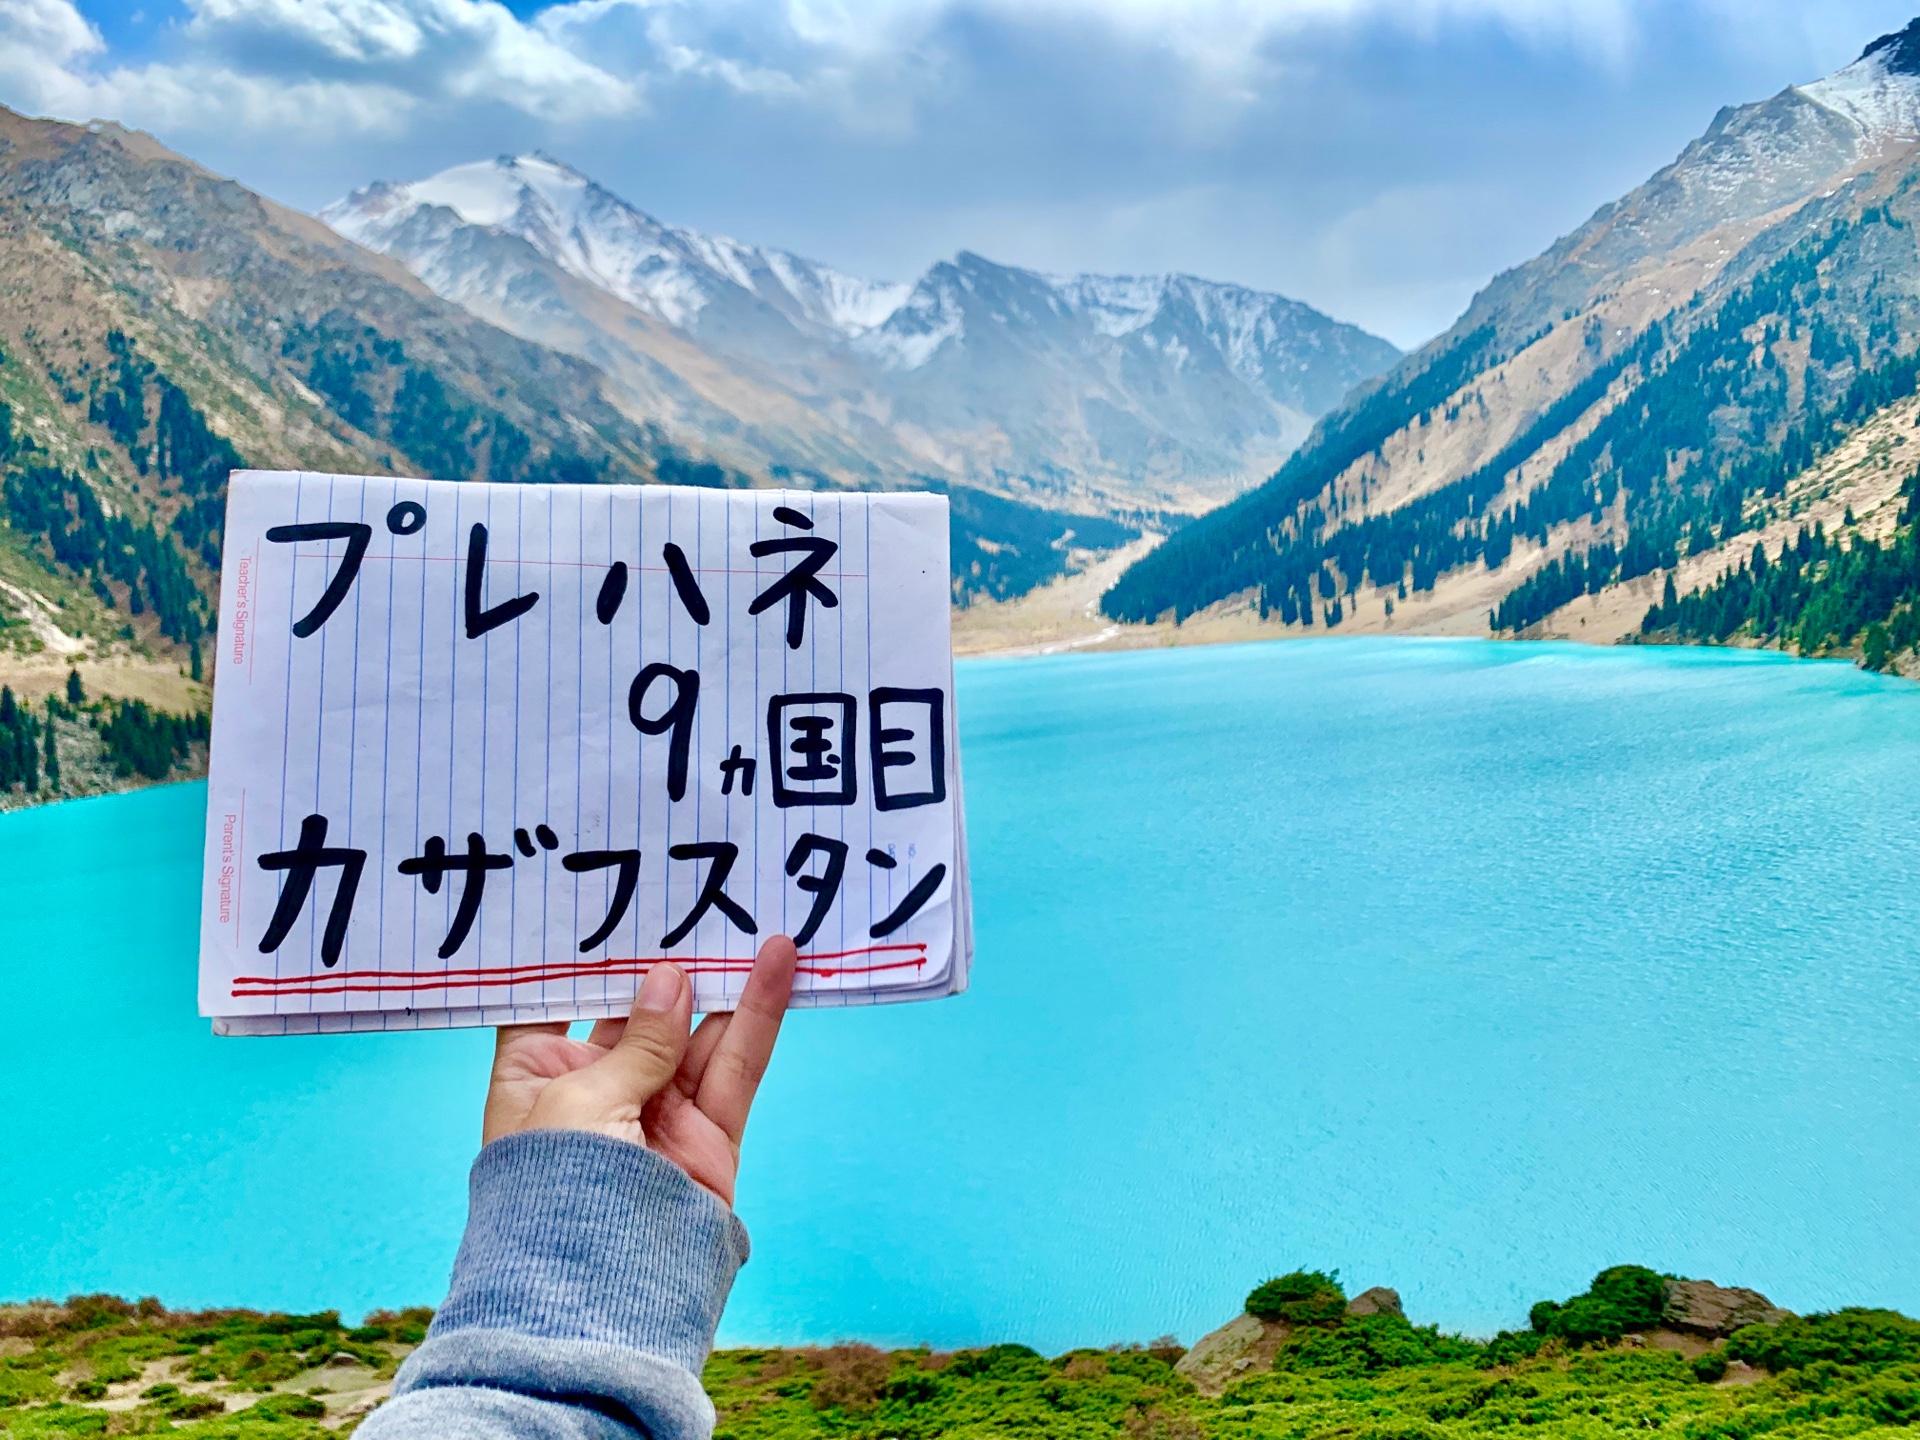 カザフスタンの絶景、ビッグアルマティレイクに行ってきた!